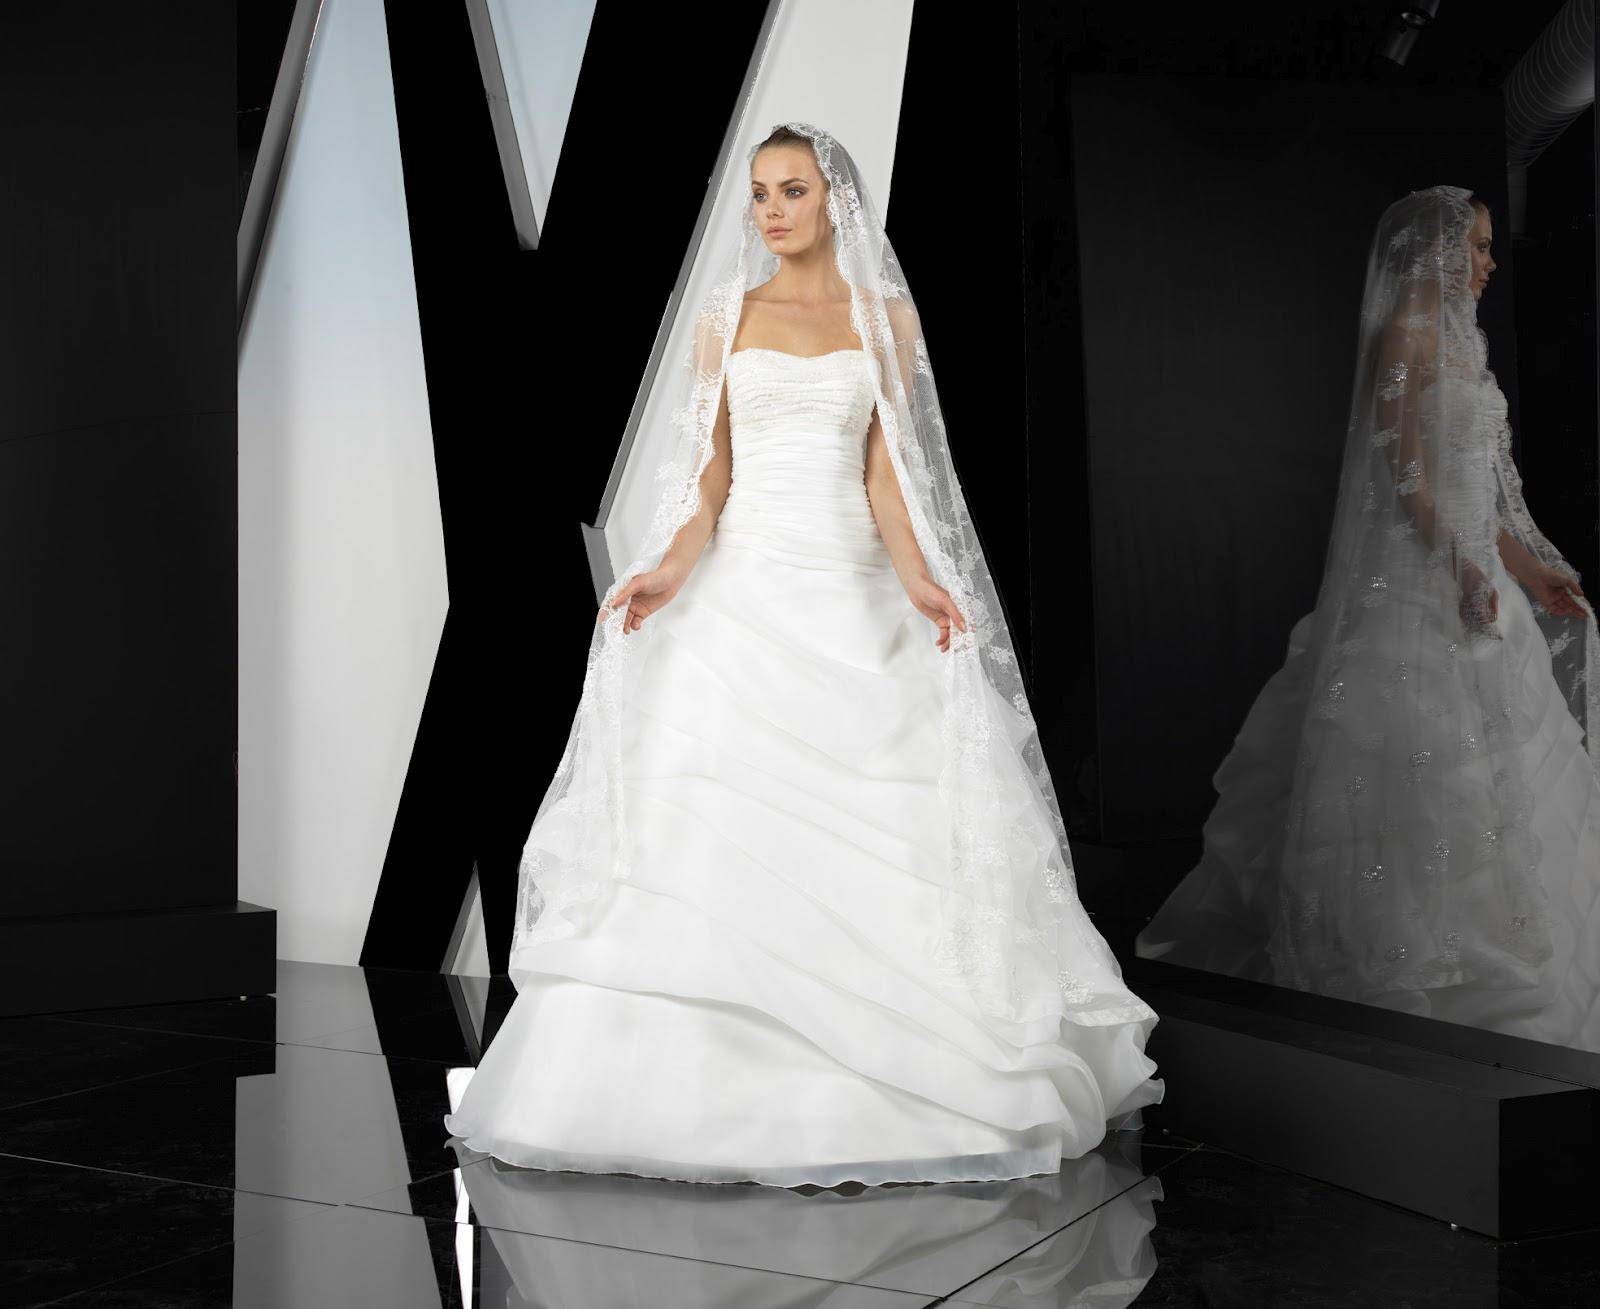 f8e8b8d543e5f 2012 AKAY GELİNLİK MODELLERİ   HERTELDEN BİRNAME  En Yeni Moda ...